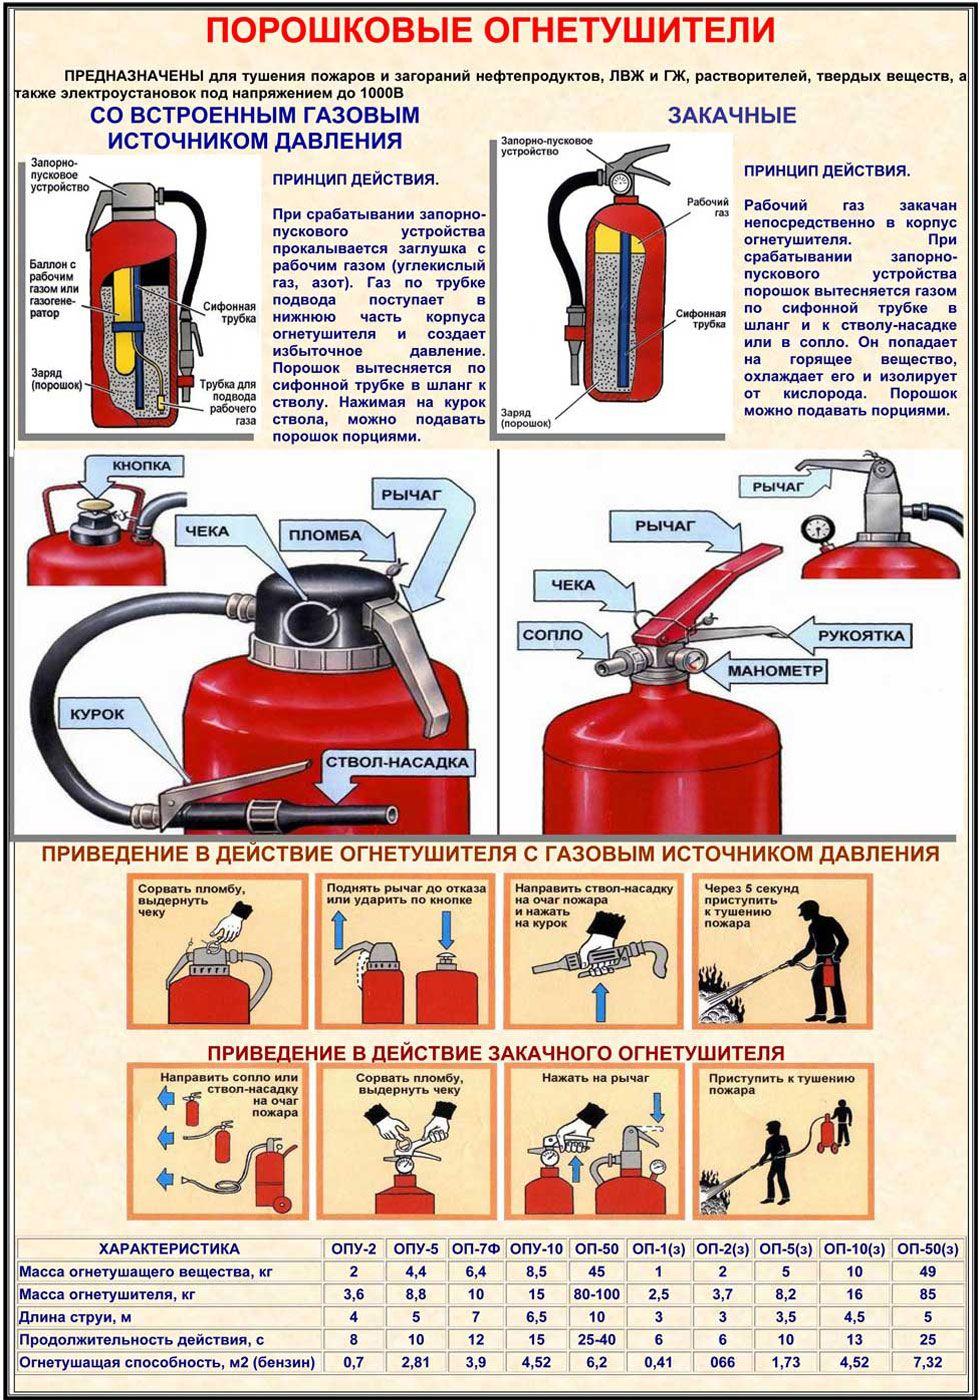 инструкция по применению огнетушителя в картинках эту кнопку